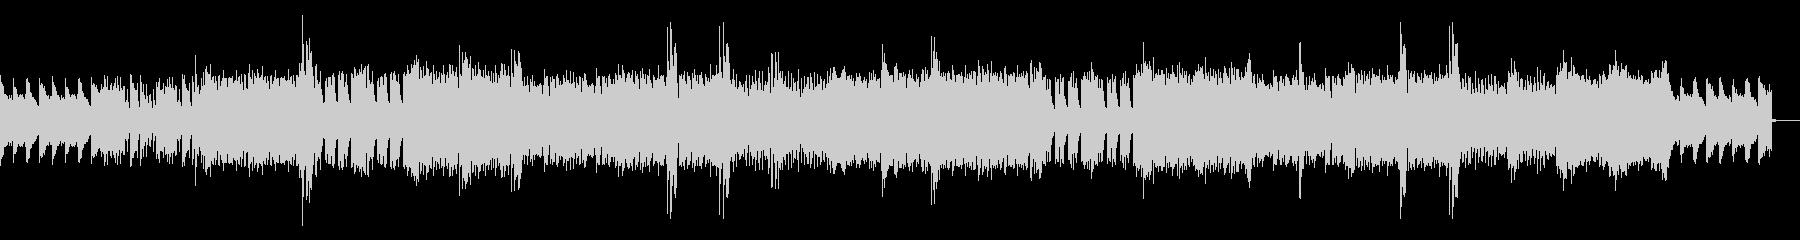 スポーツピアノハウスEDMの未再生の波形